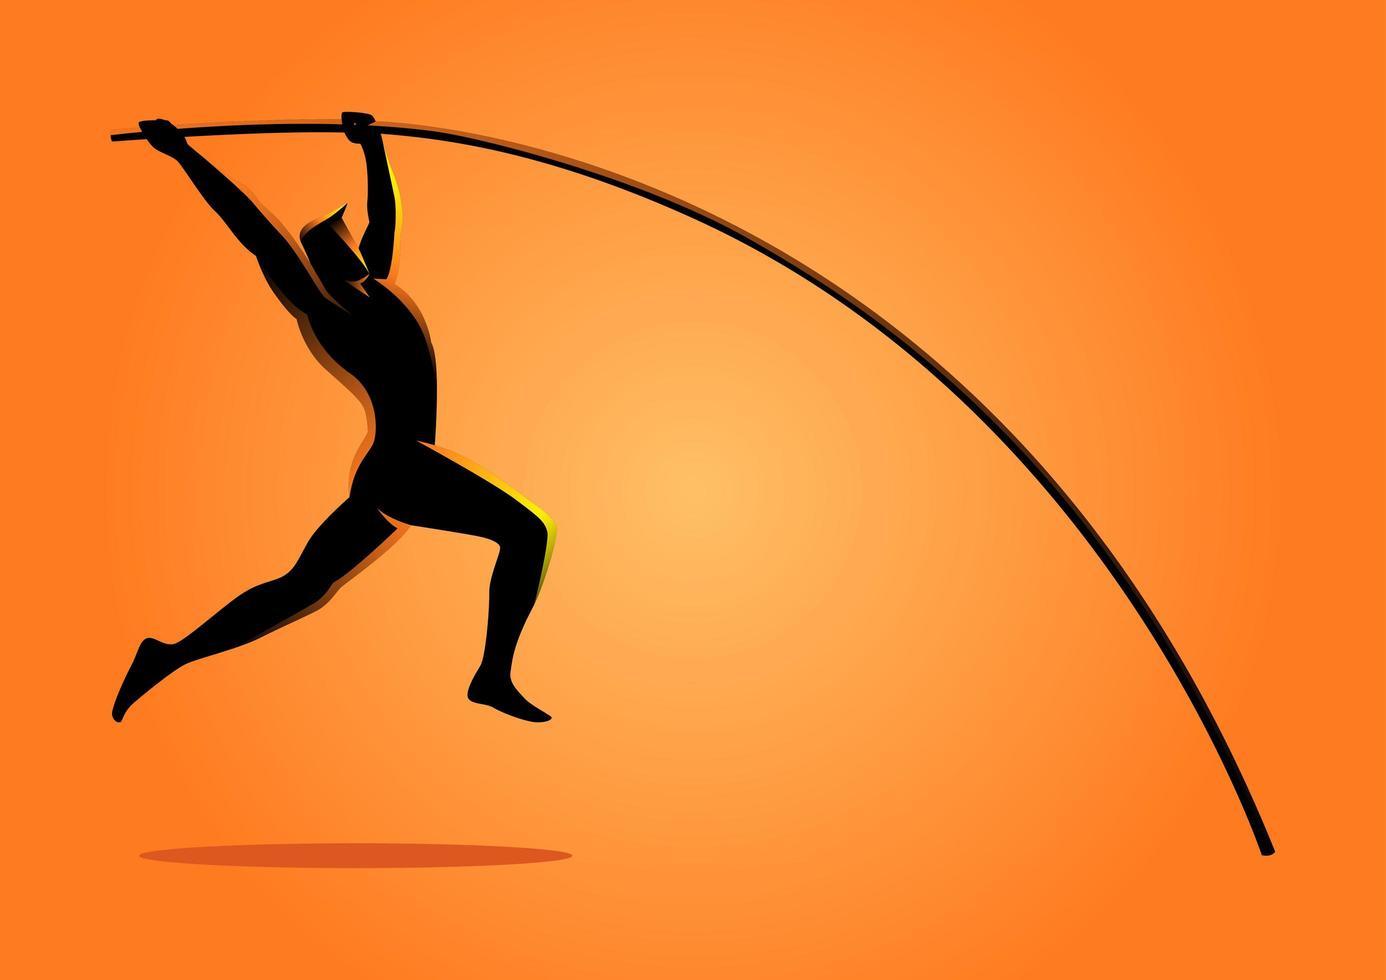 Sport silhouette poteau sauteur vecteur